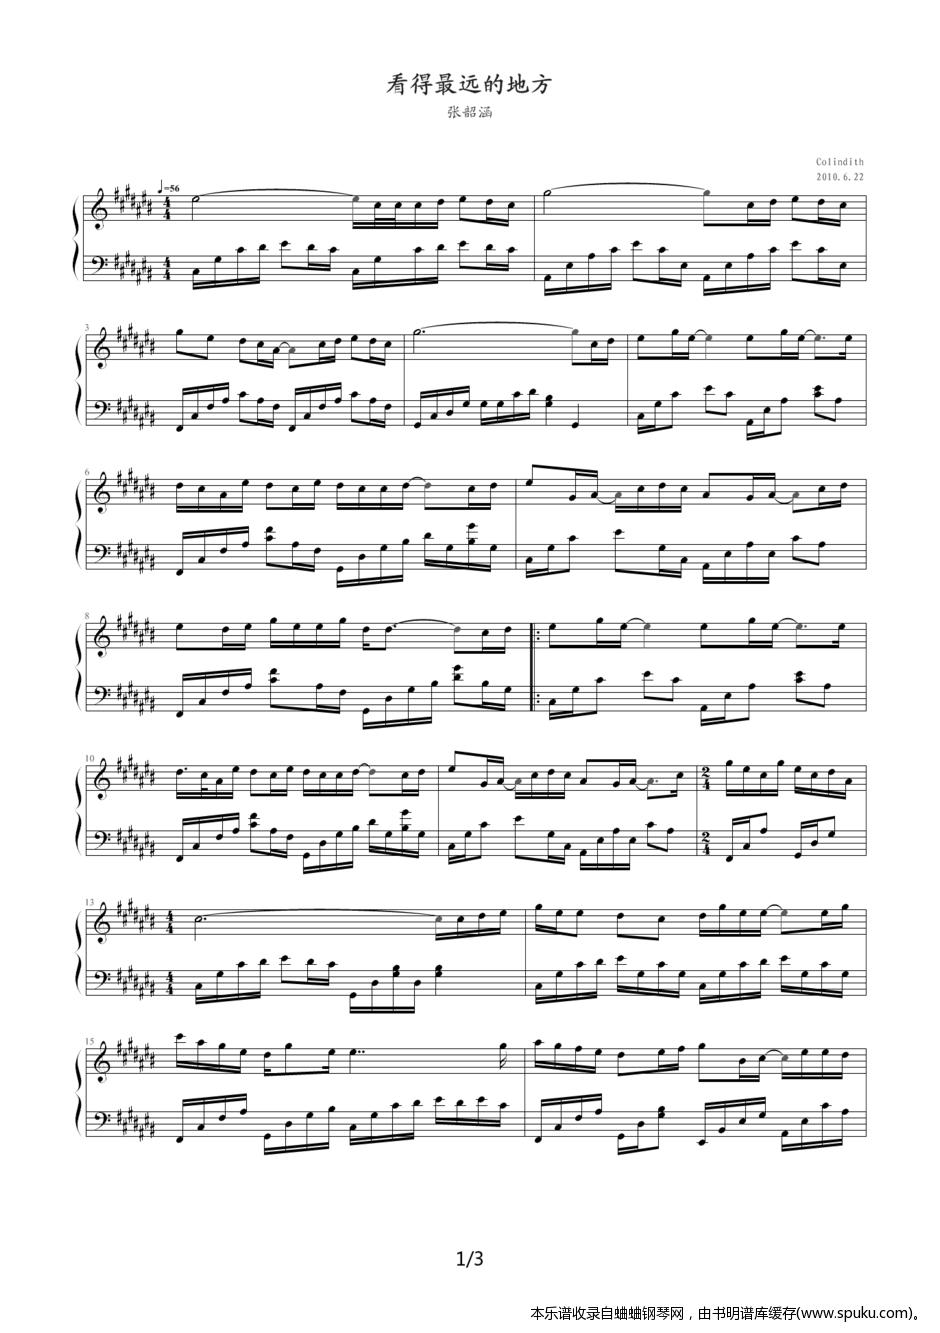 看得最远的地方1-钢琴谱-曲谱